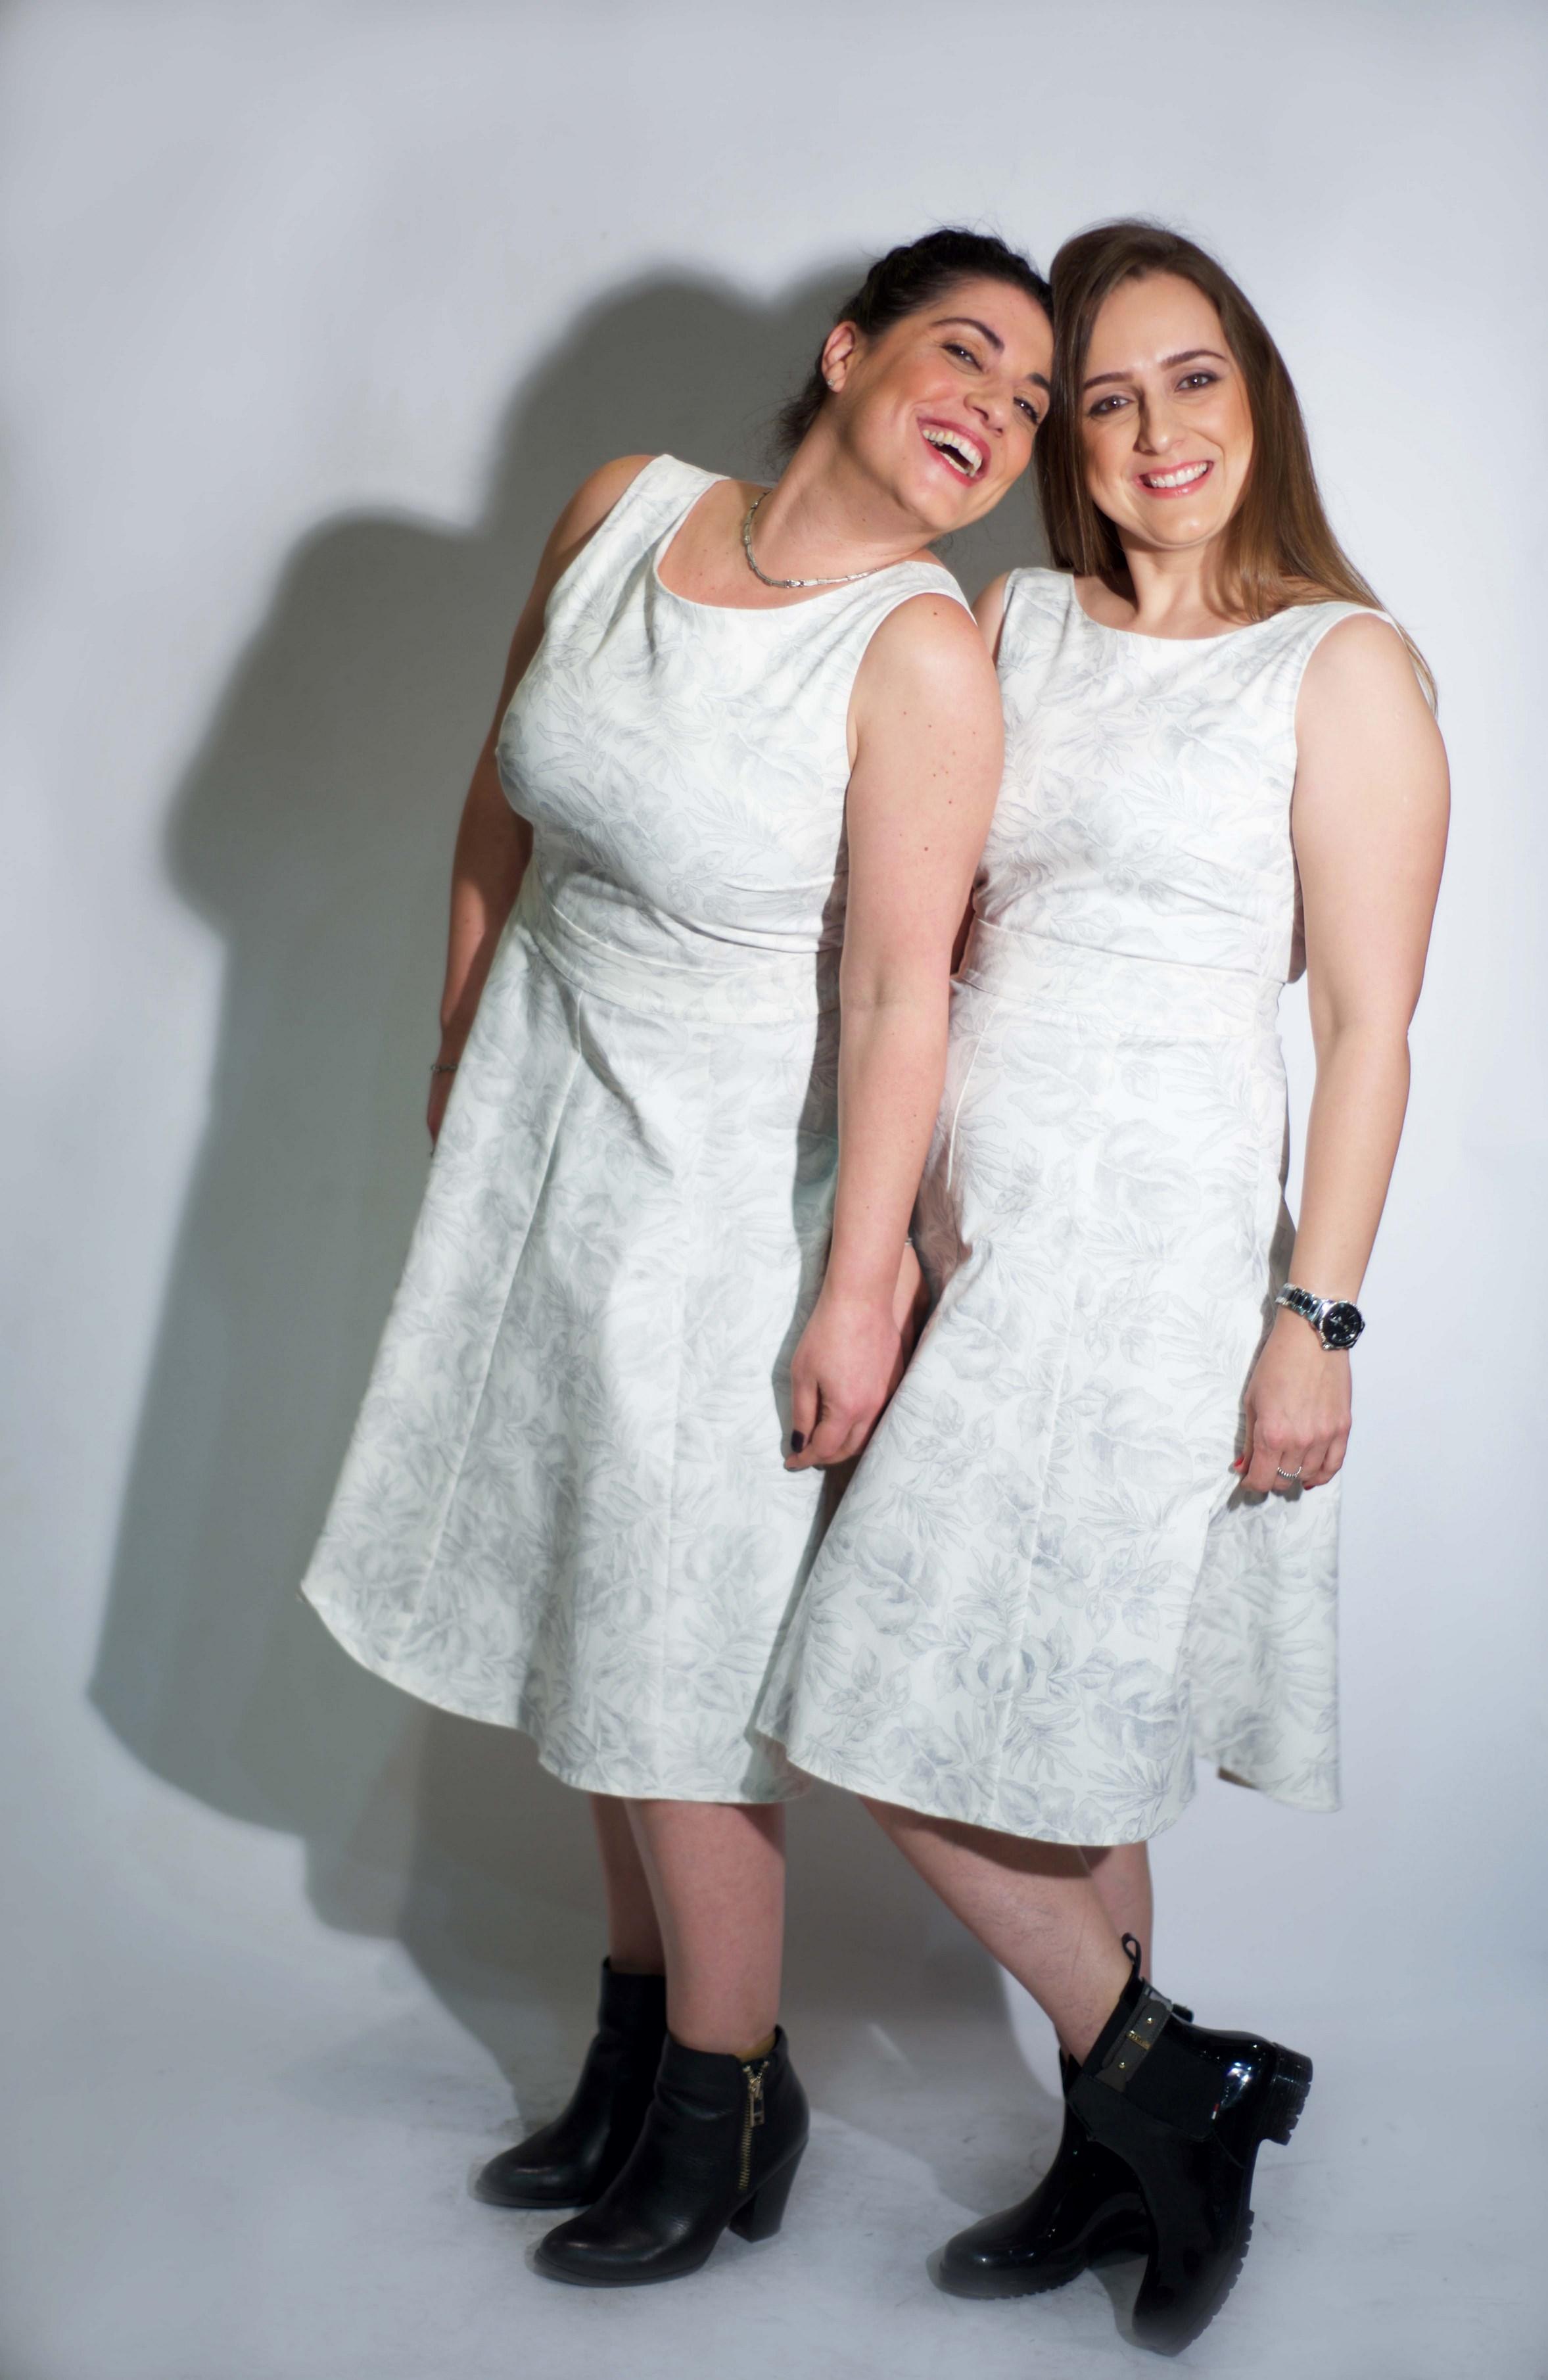 איילת יום טוב ושרית רחמינוב מדגמנות  שמלה של המעצבת טלי אימבר.  במכירה הגדולה רק 299 שח. בית טפר תל גיבורים 5 תא צילום מאיה שוהם (Copy).jpg